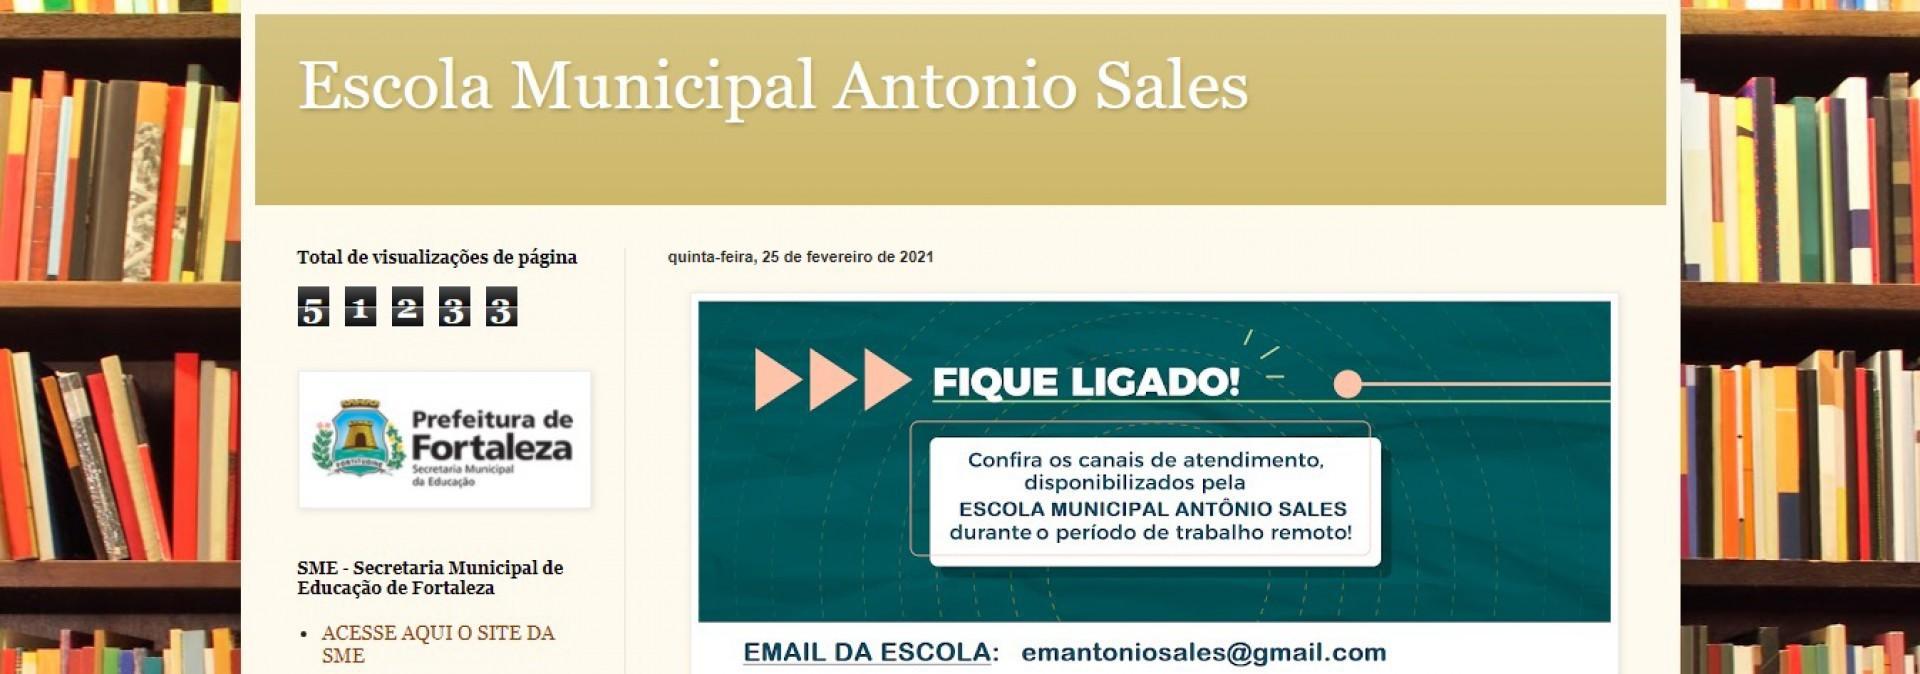 Escola cria blog para reunir informações educacionais durante a pandemia da Covid-19(Foto: Reprodução / Blog Escola Antônio Sales)